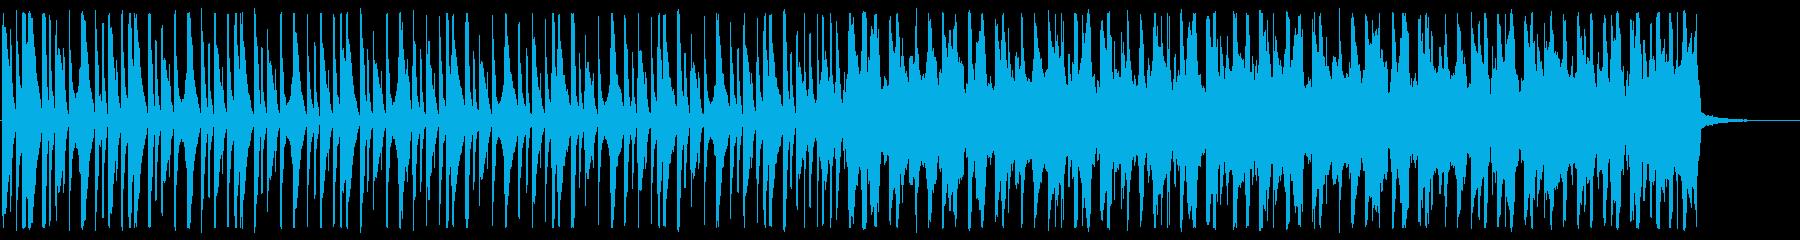 シンプル/ハウス_No671_2の再生済みの波形